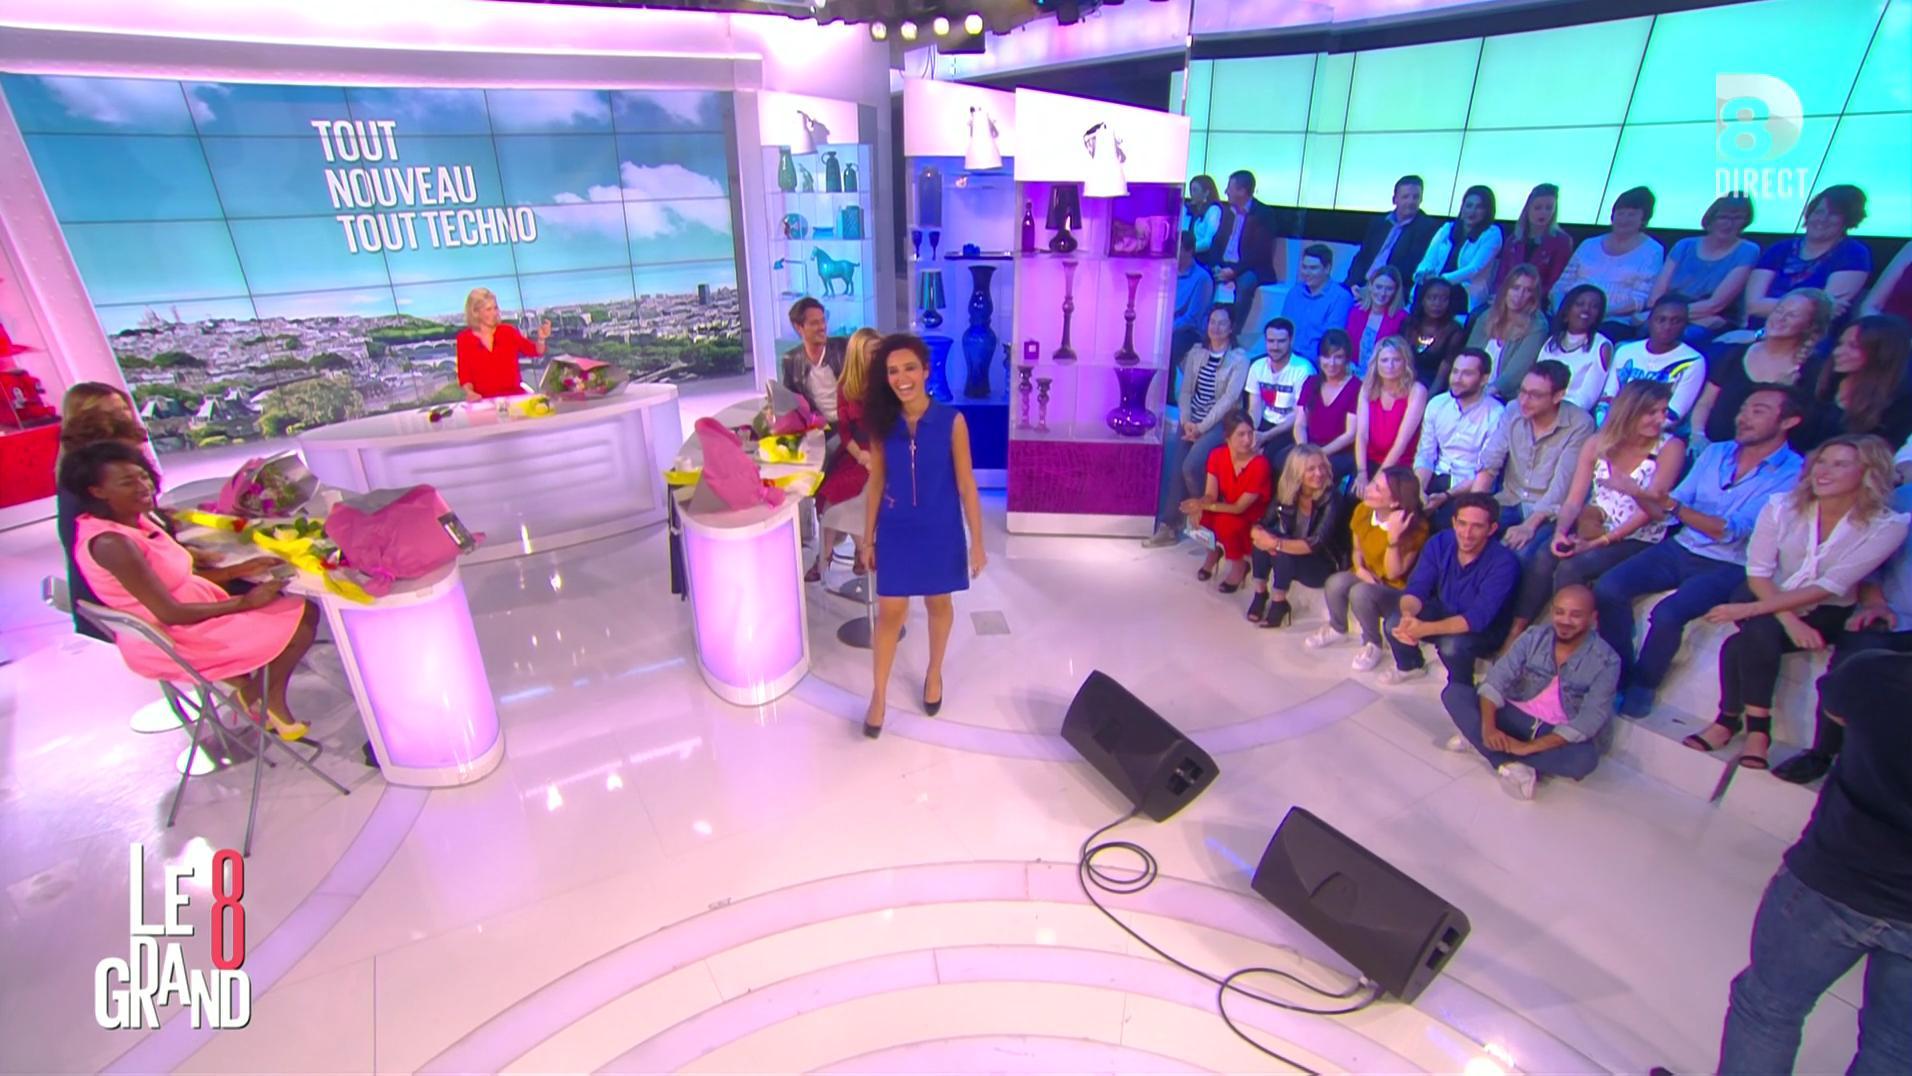 Laurence Ferrari, Hapsatou Sy, Aïda Touihri et Caroline Ithurbide dans le Grand 8. Diffusé à la télévision le 30/06/16.